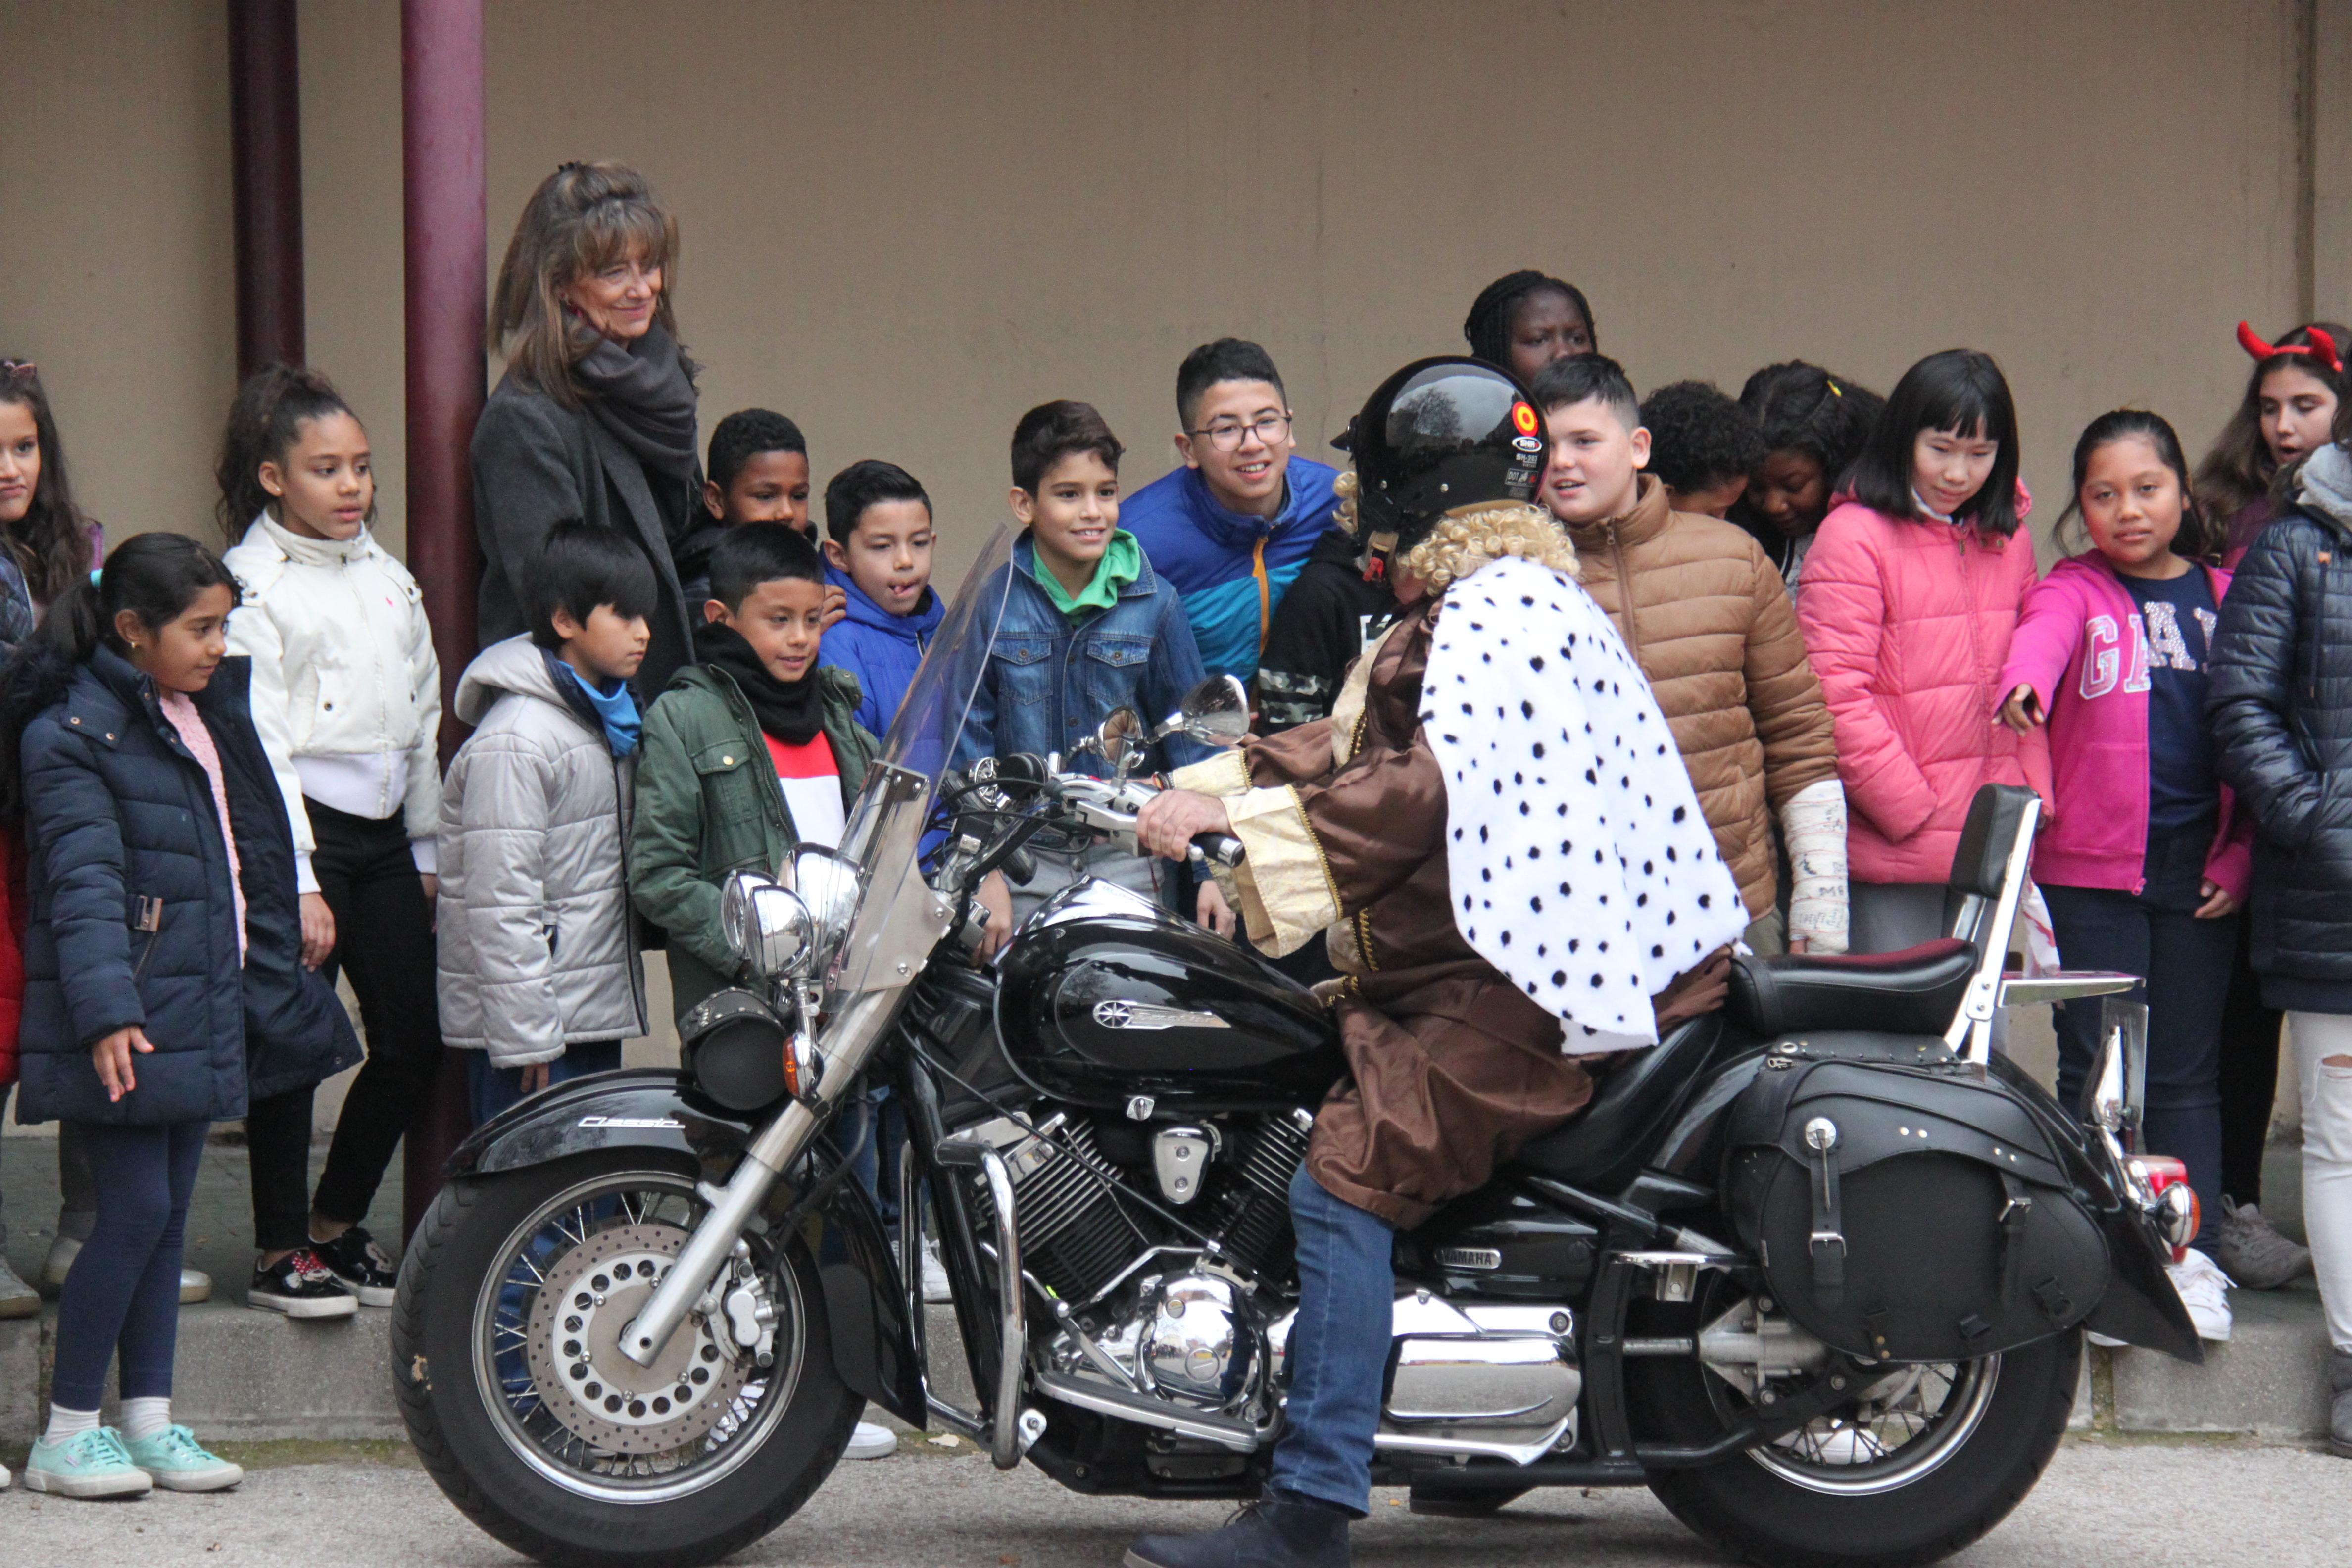 Visita de sus Majestades los Reyes Magos al colegio Luis Bello en moto 2018 12